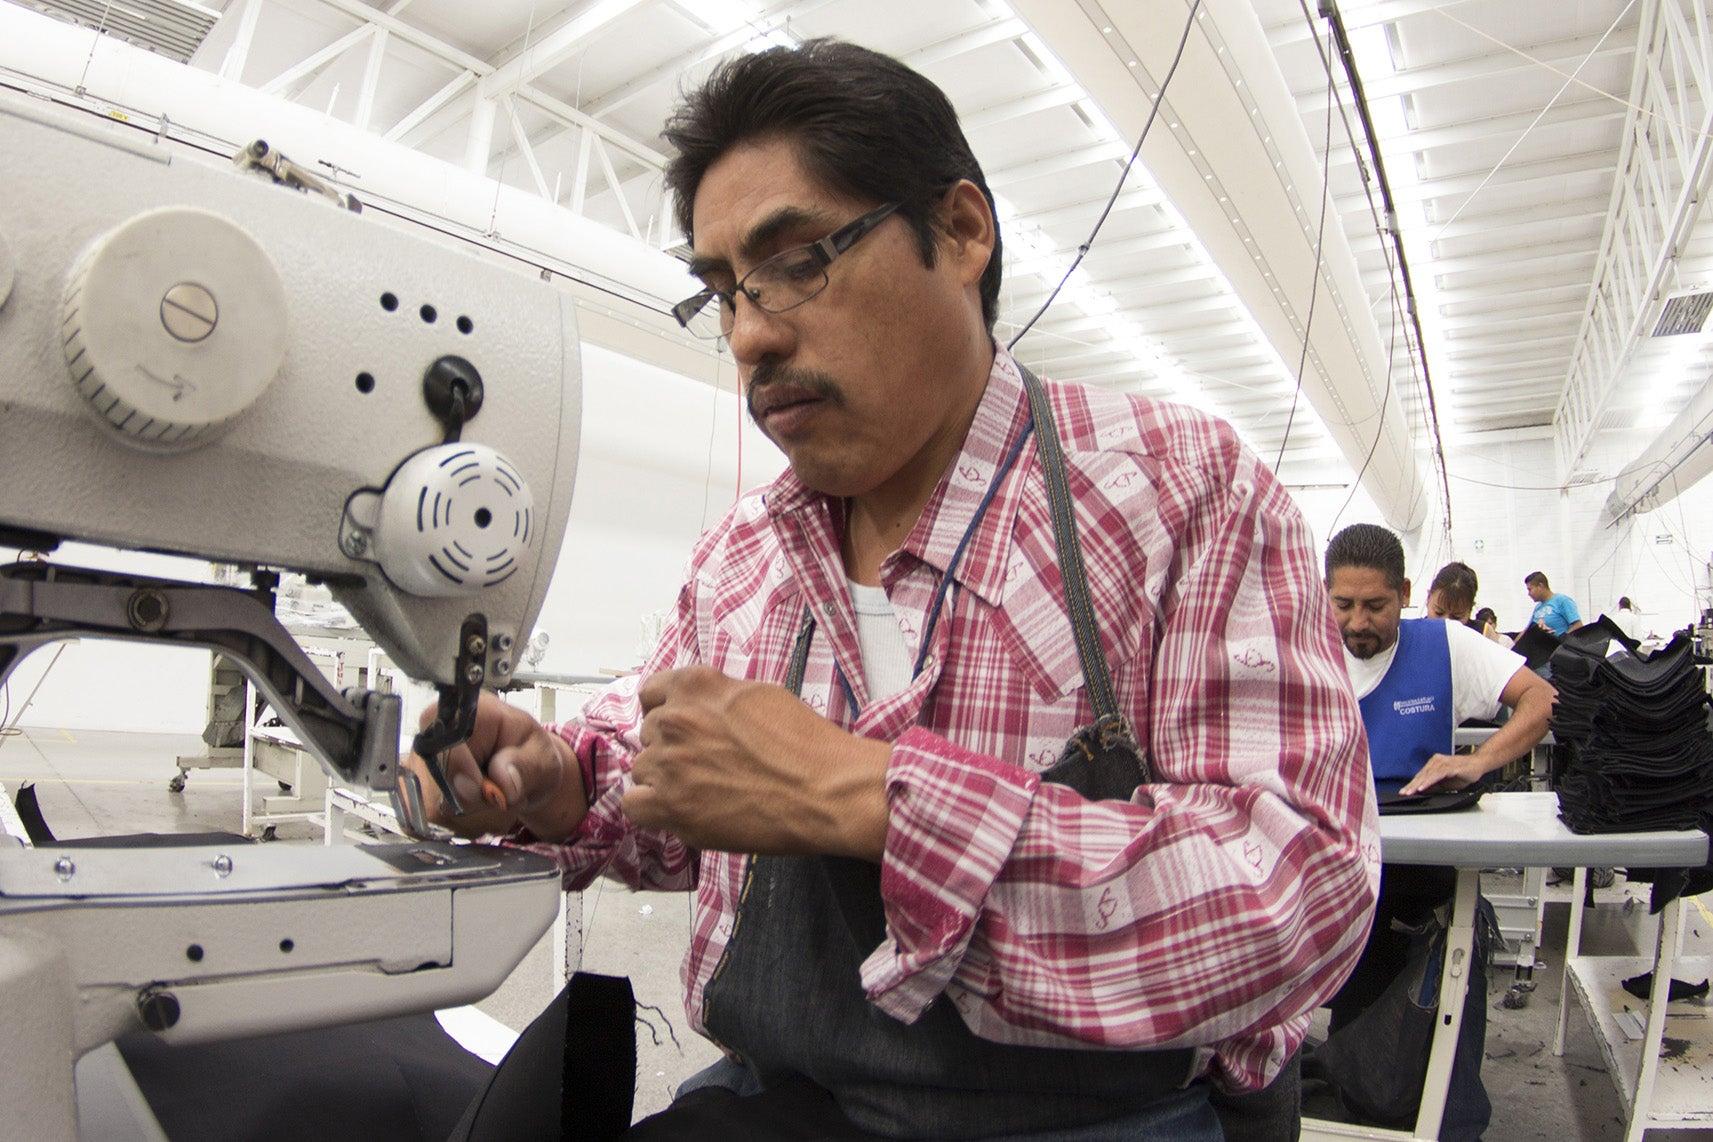 Man using sewing machine.